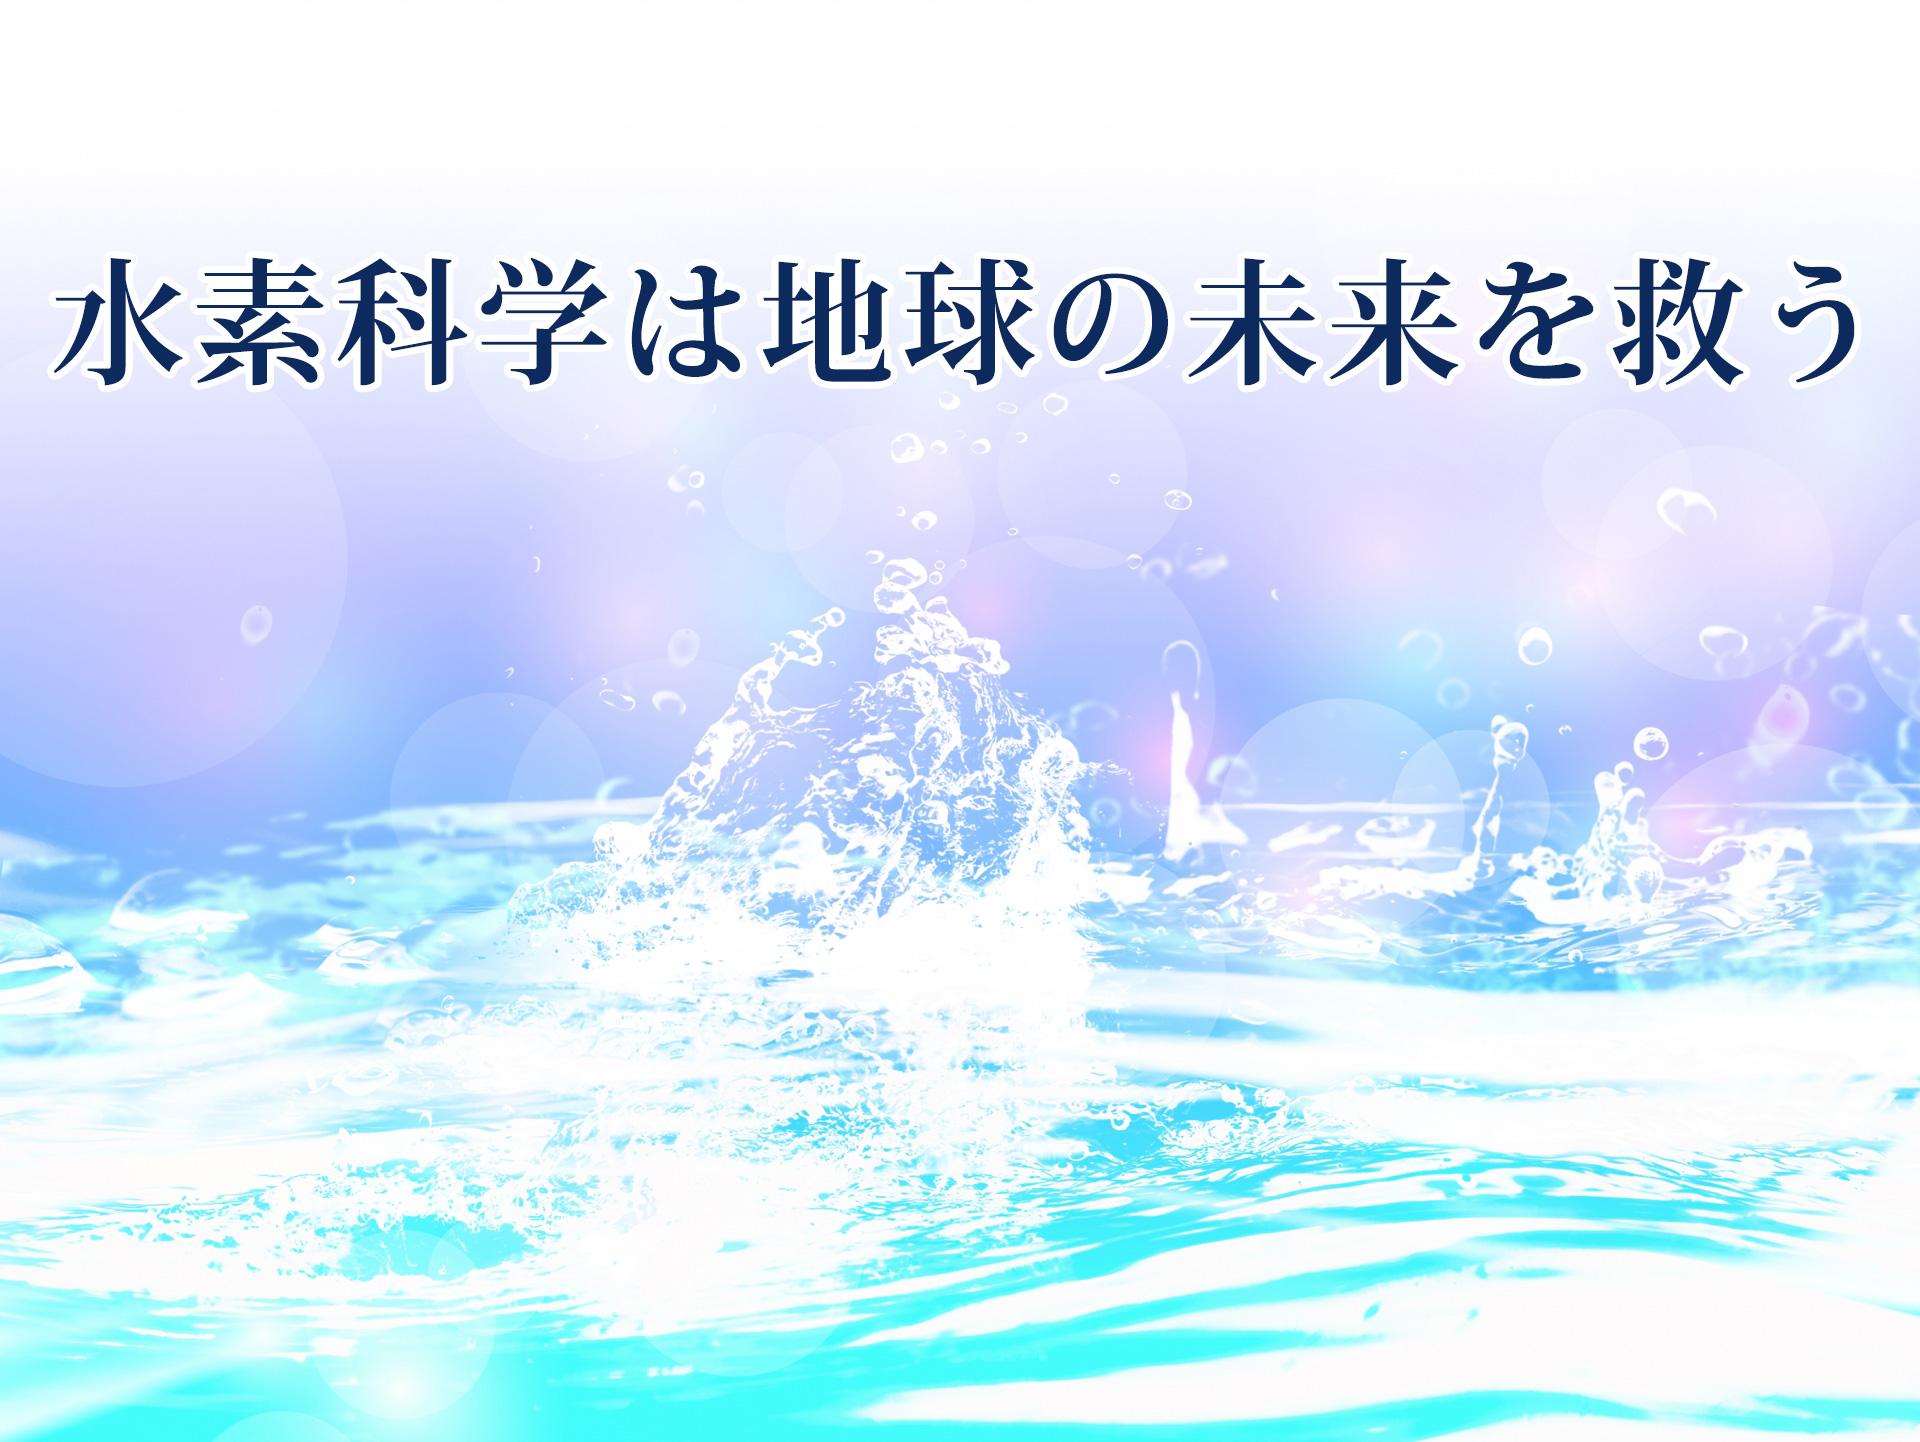 全日本水素普及会(全日水)